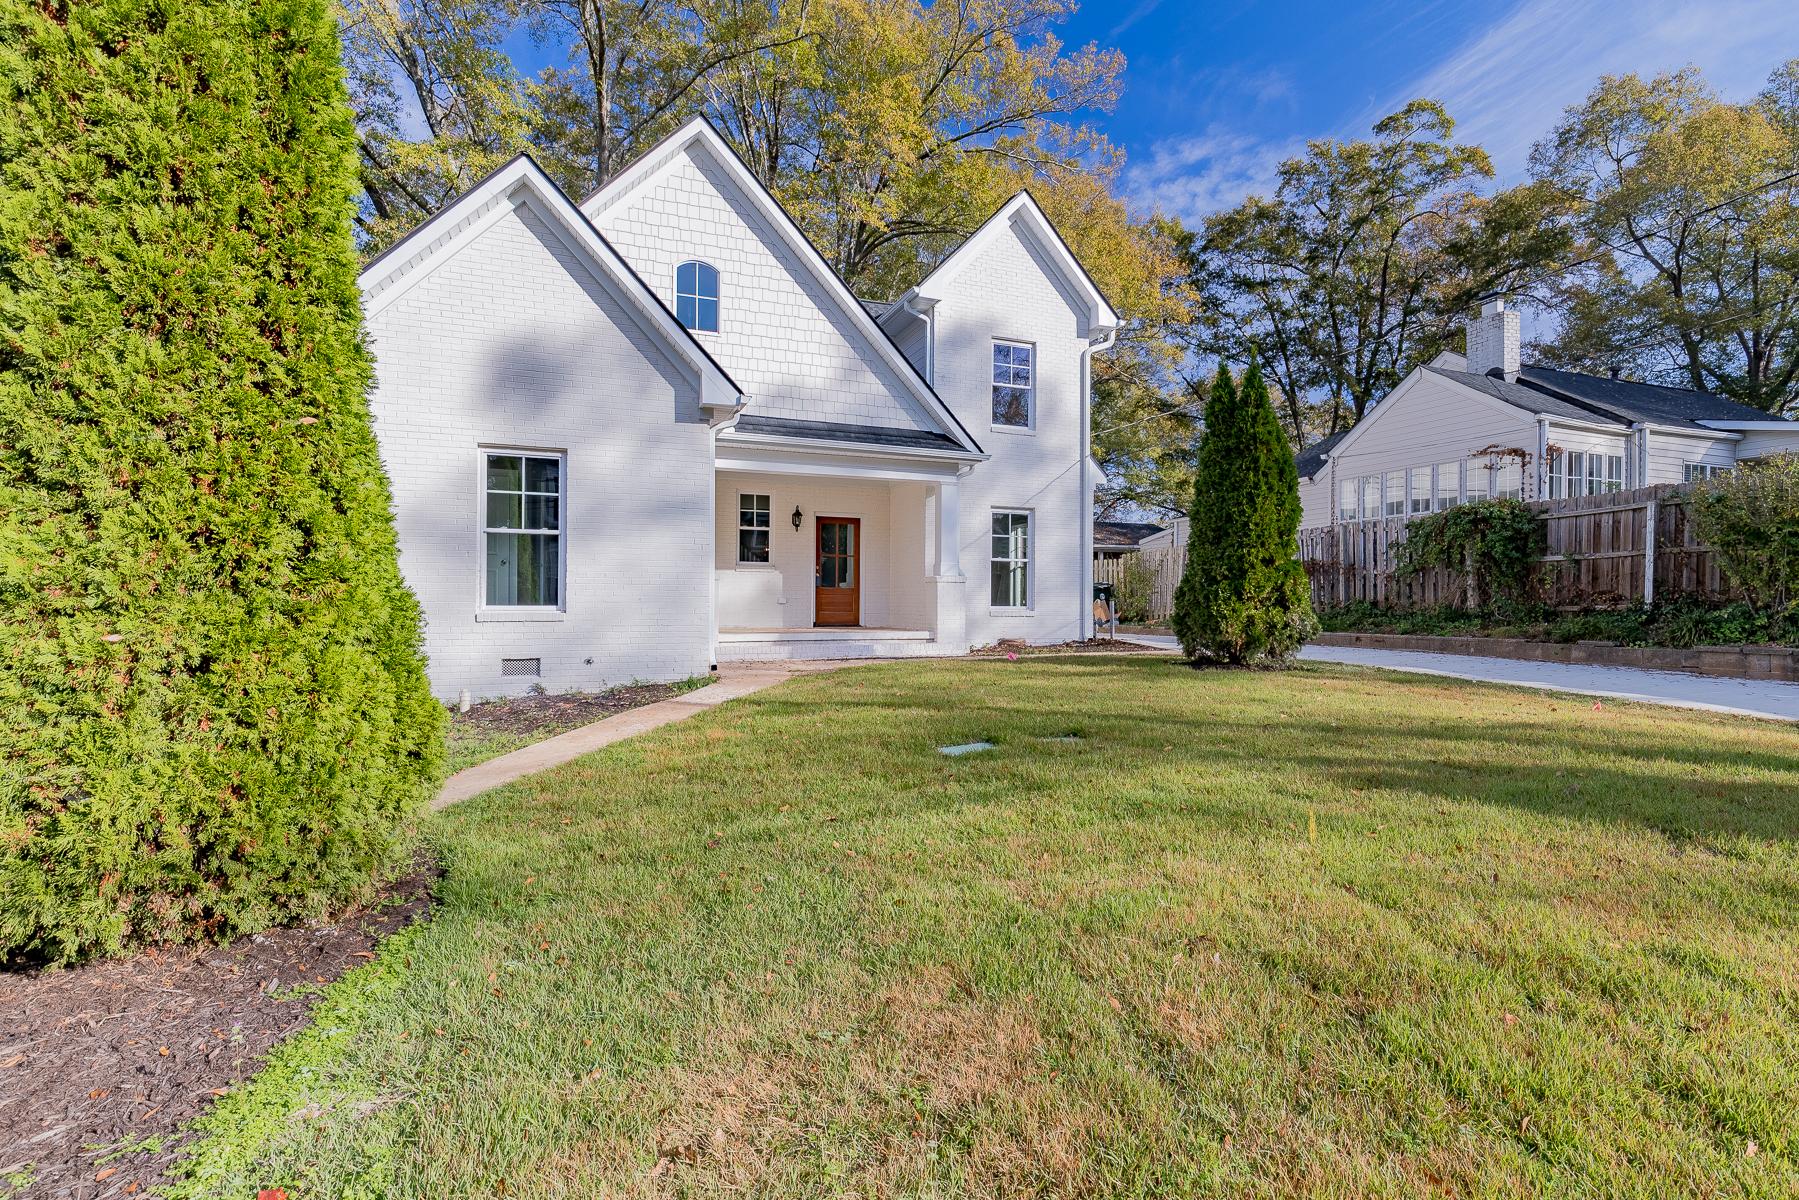 一戸建て のために 売買 アット 403 Watts Avenue Greenville, サウスカロライナ, 29601 アメリカ合衆国